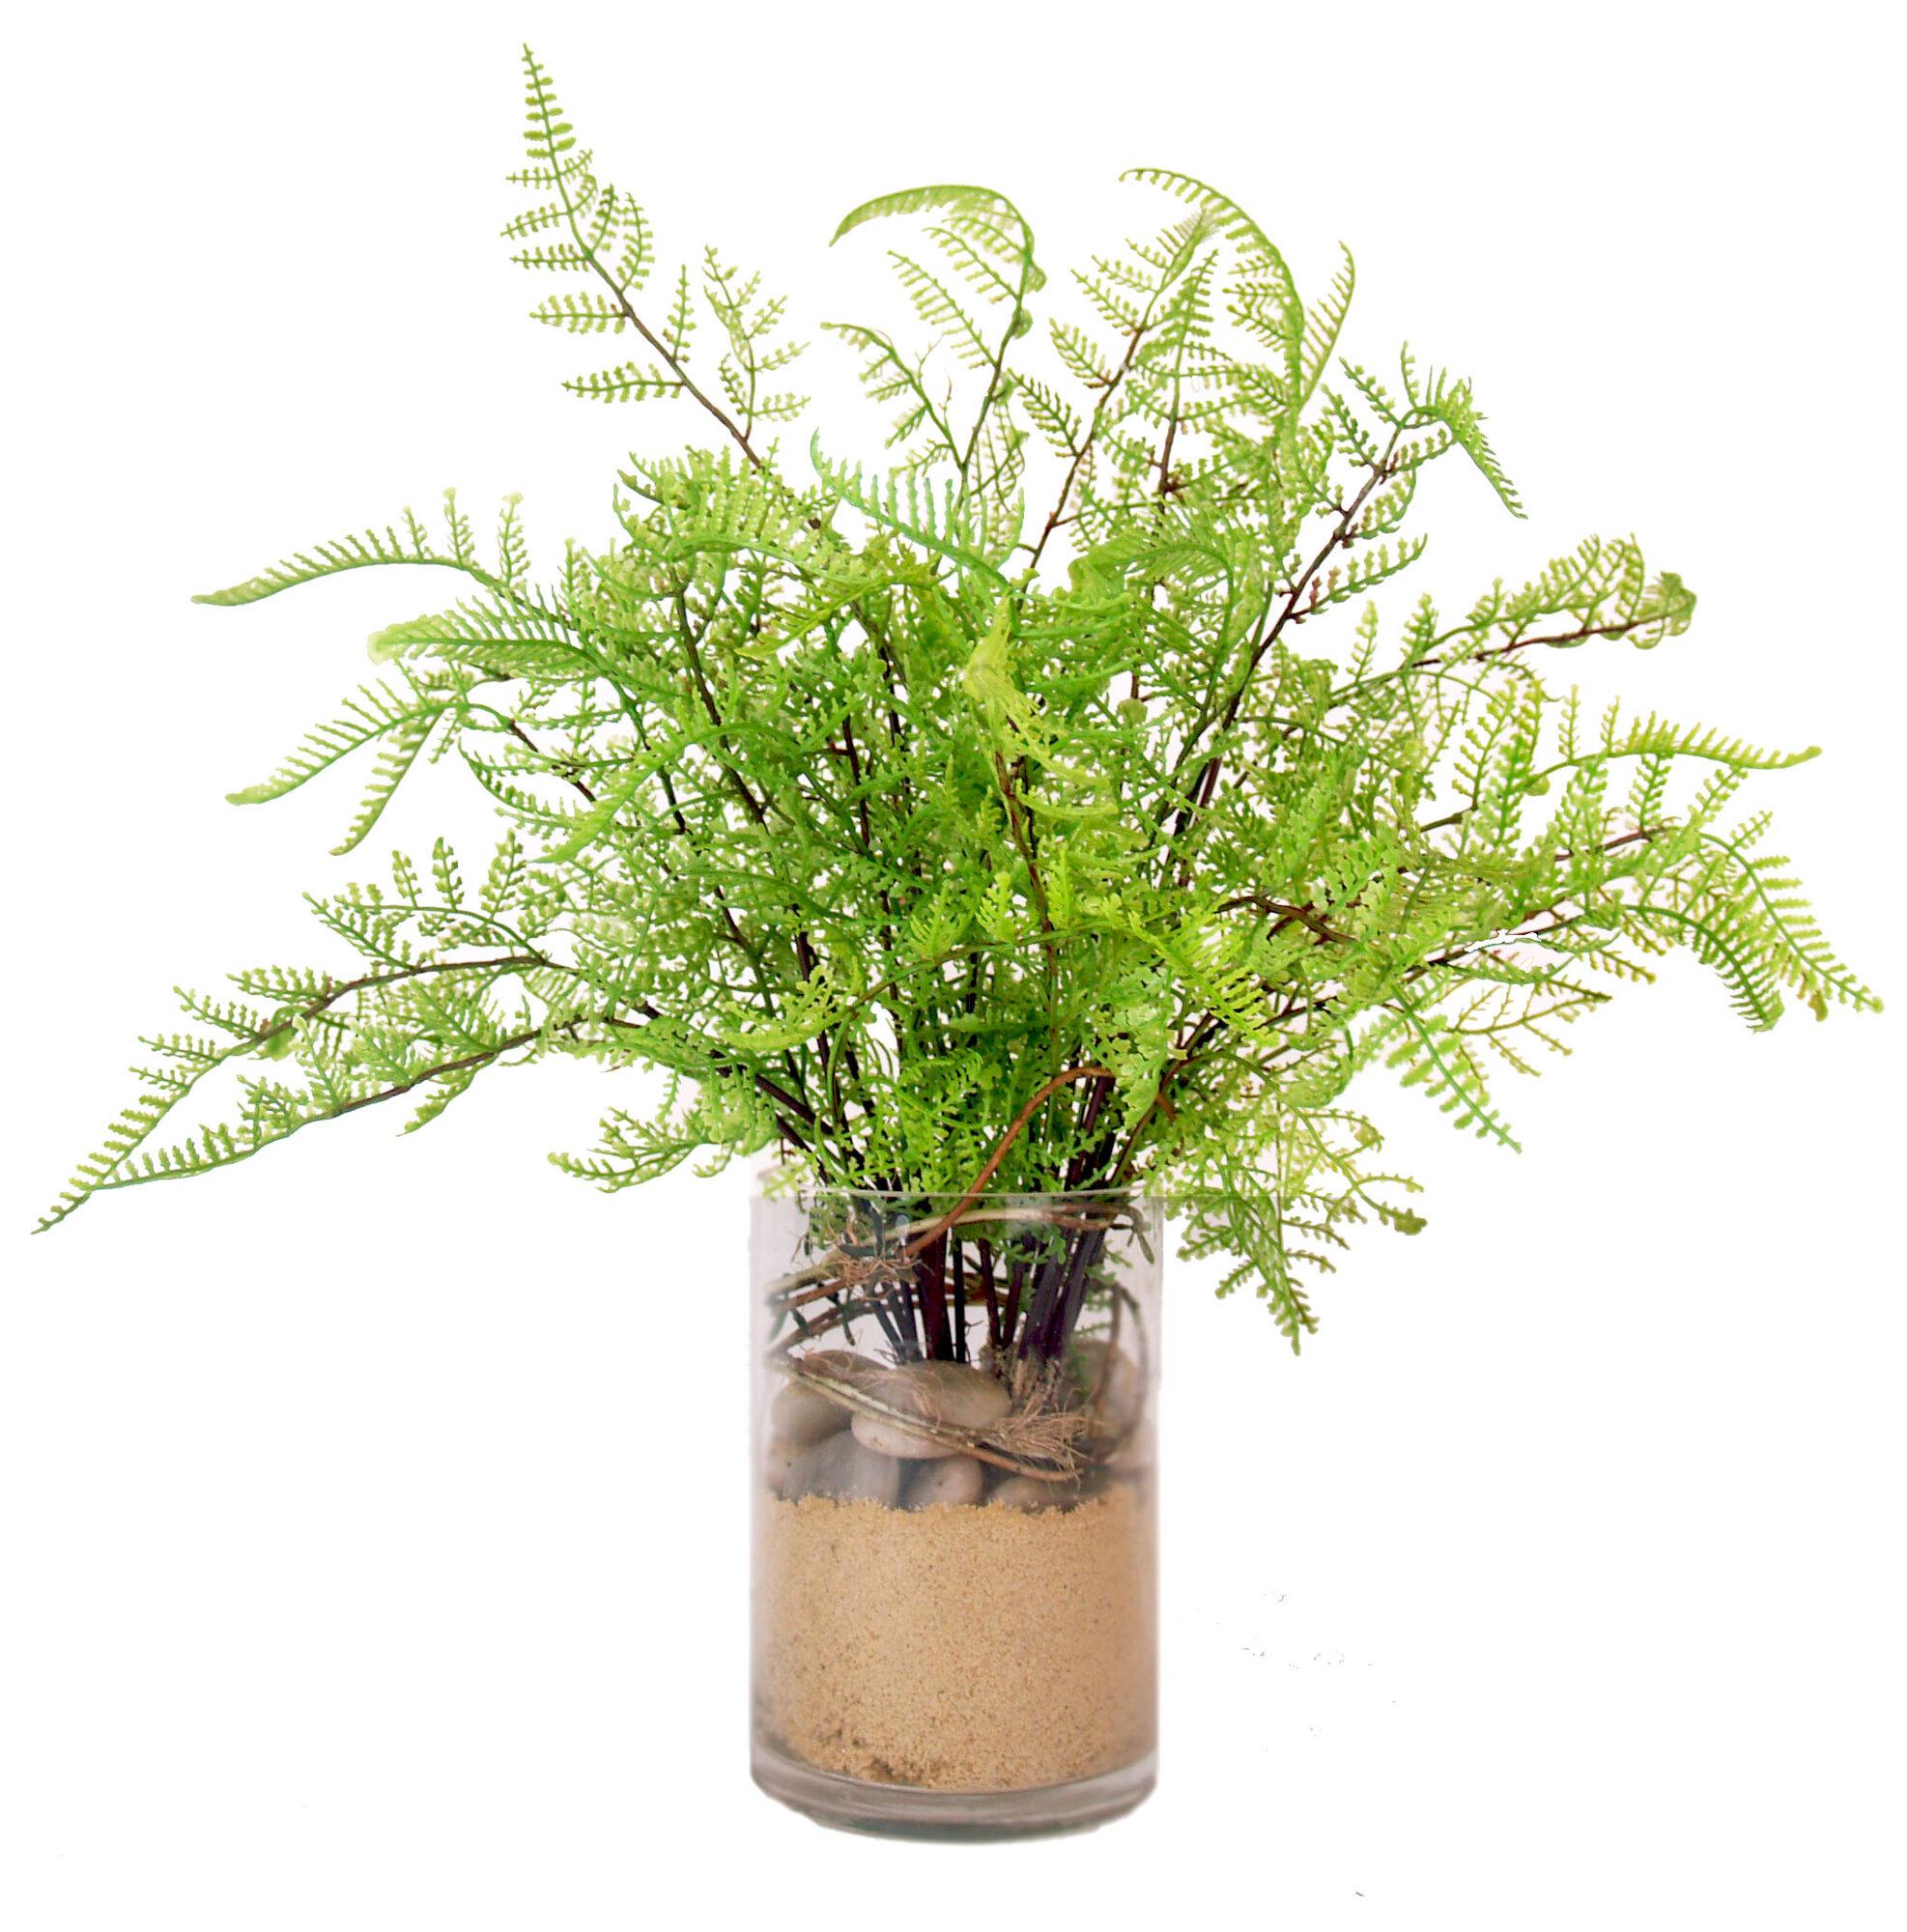 Creative displays inc cedar fern plant in pot ebay for Baby fern plant